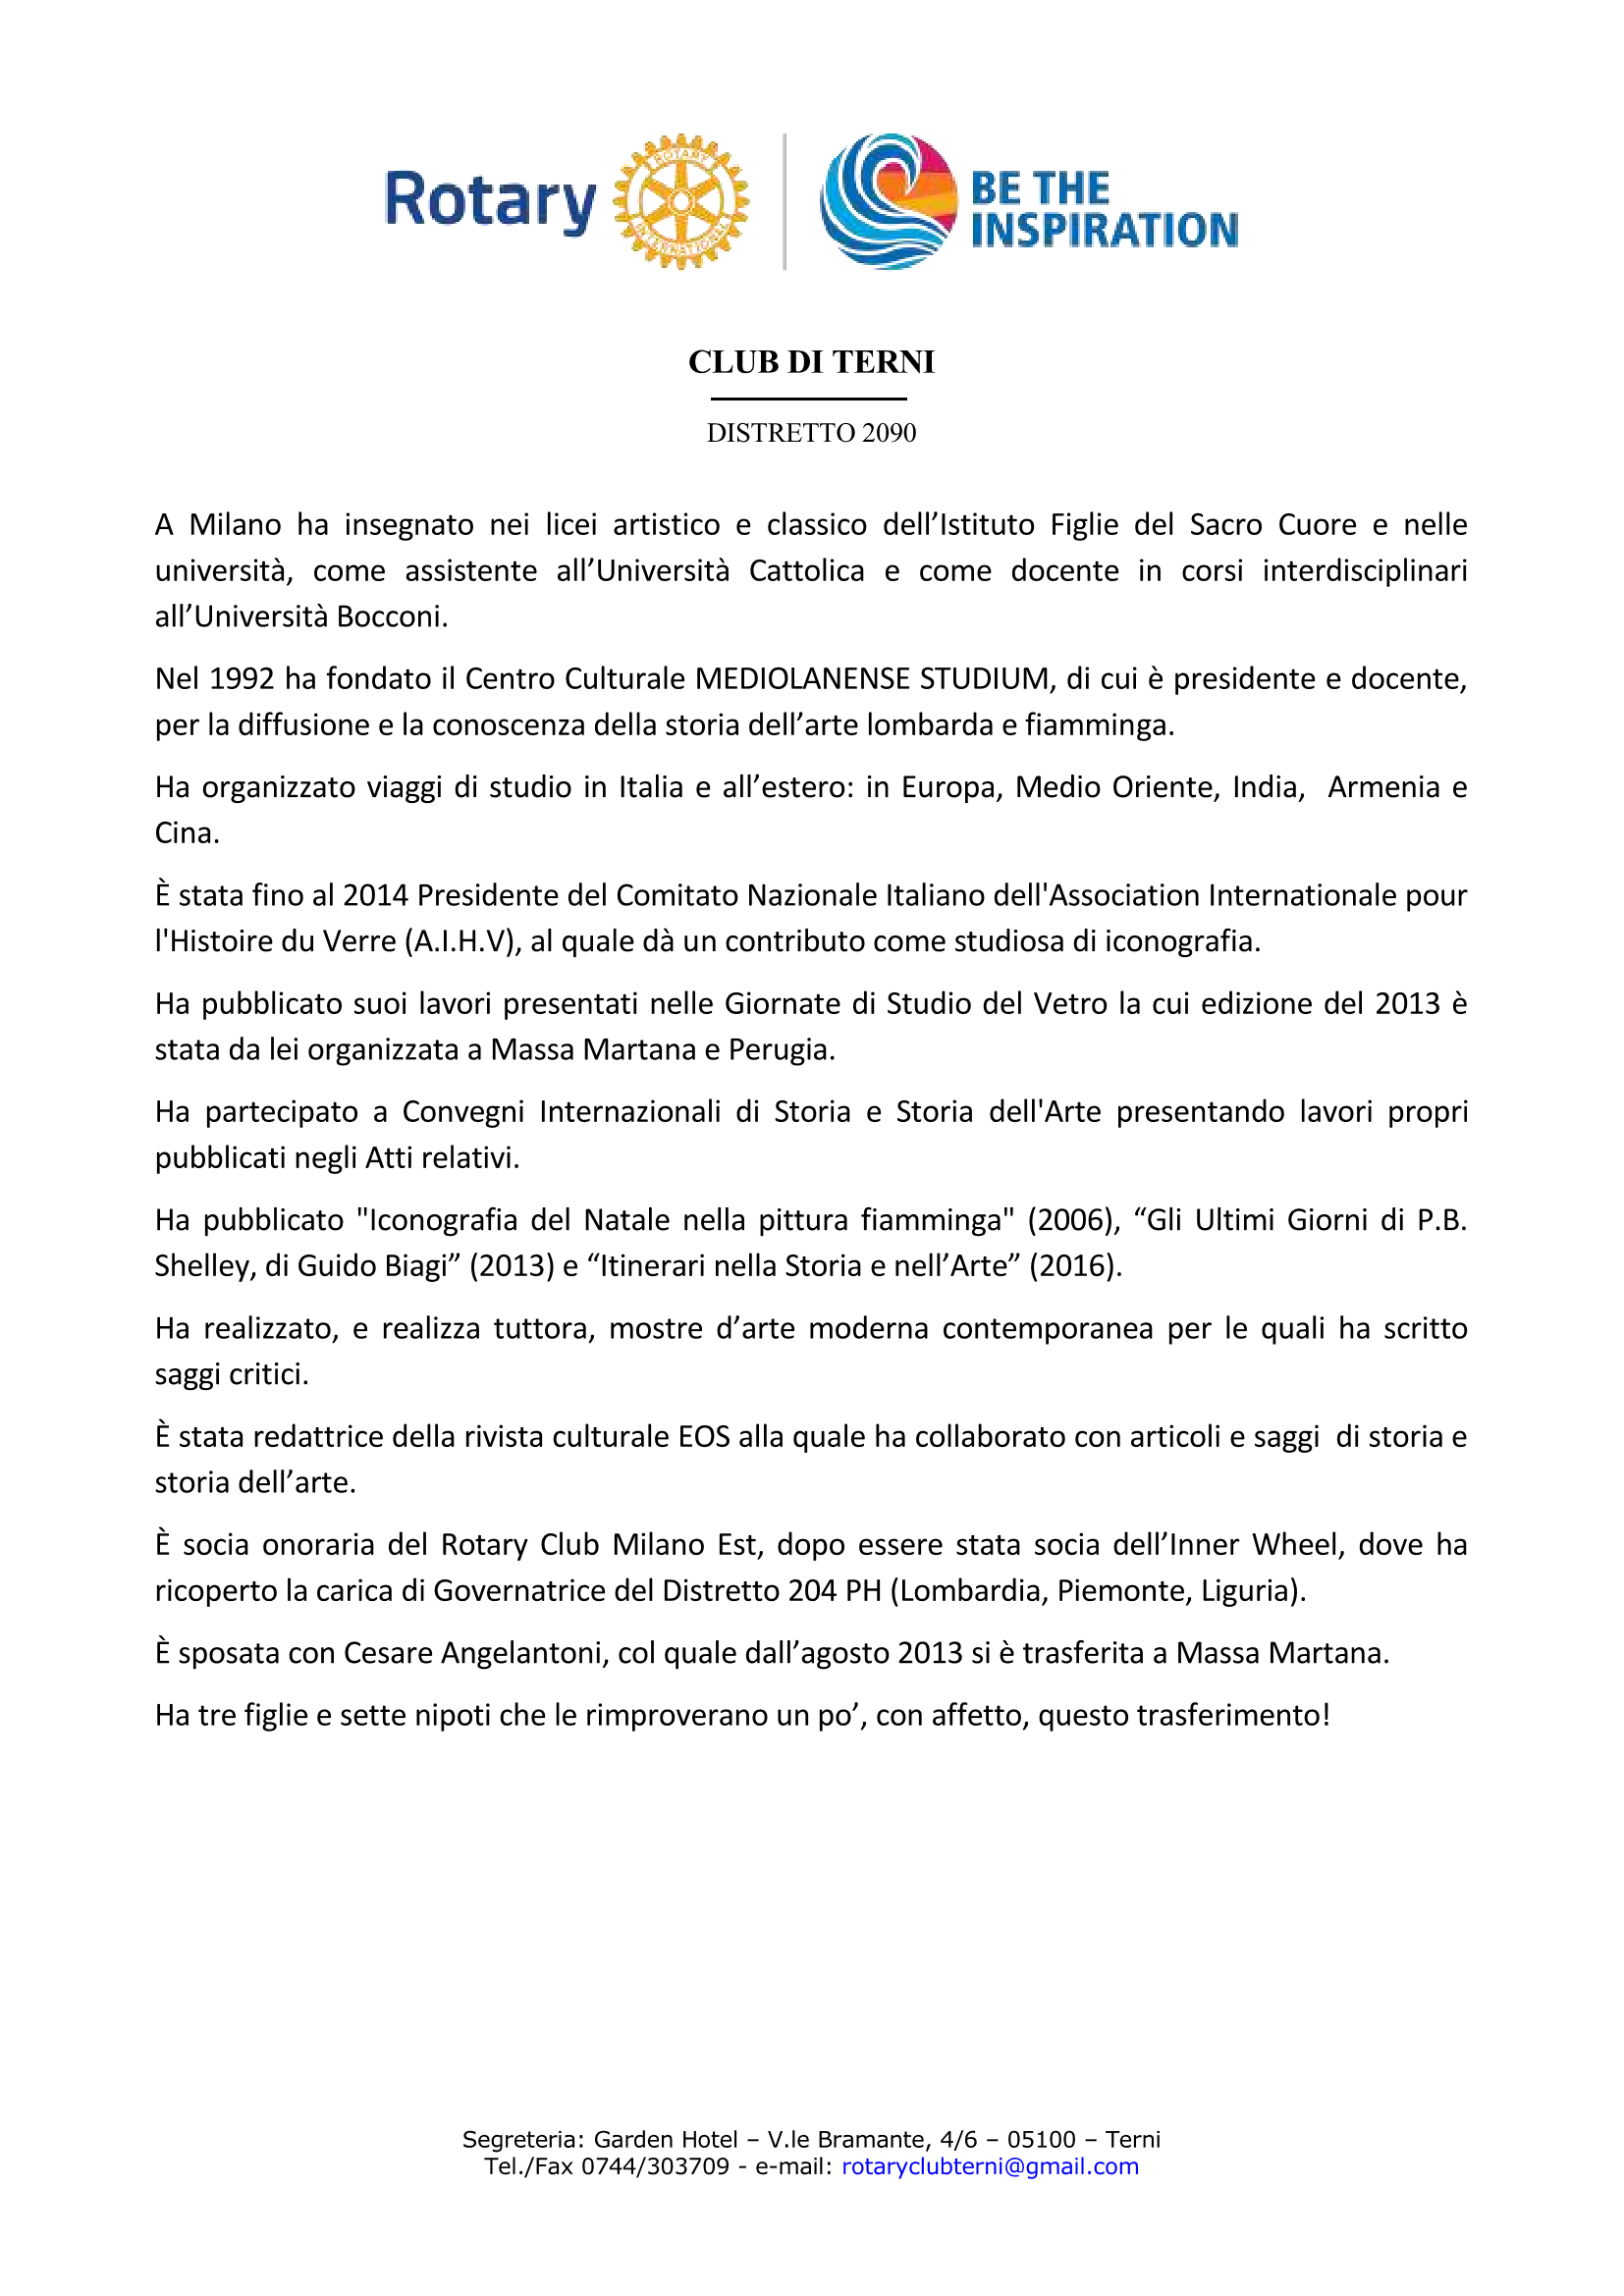 2019_03-RC Terni-Programma Marzo 2019_Page_4